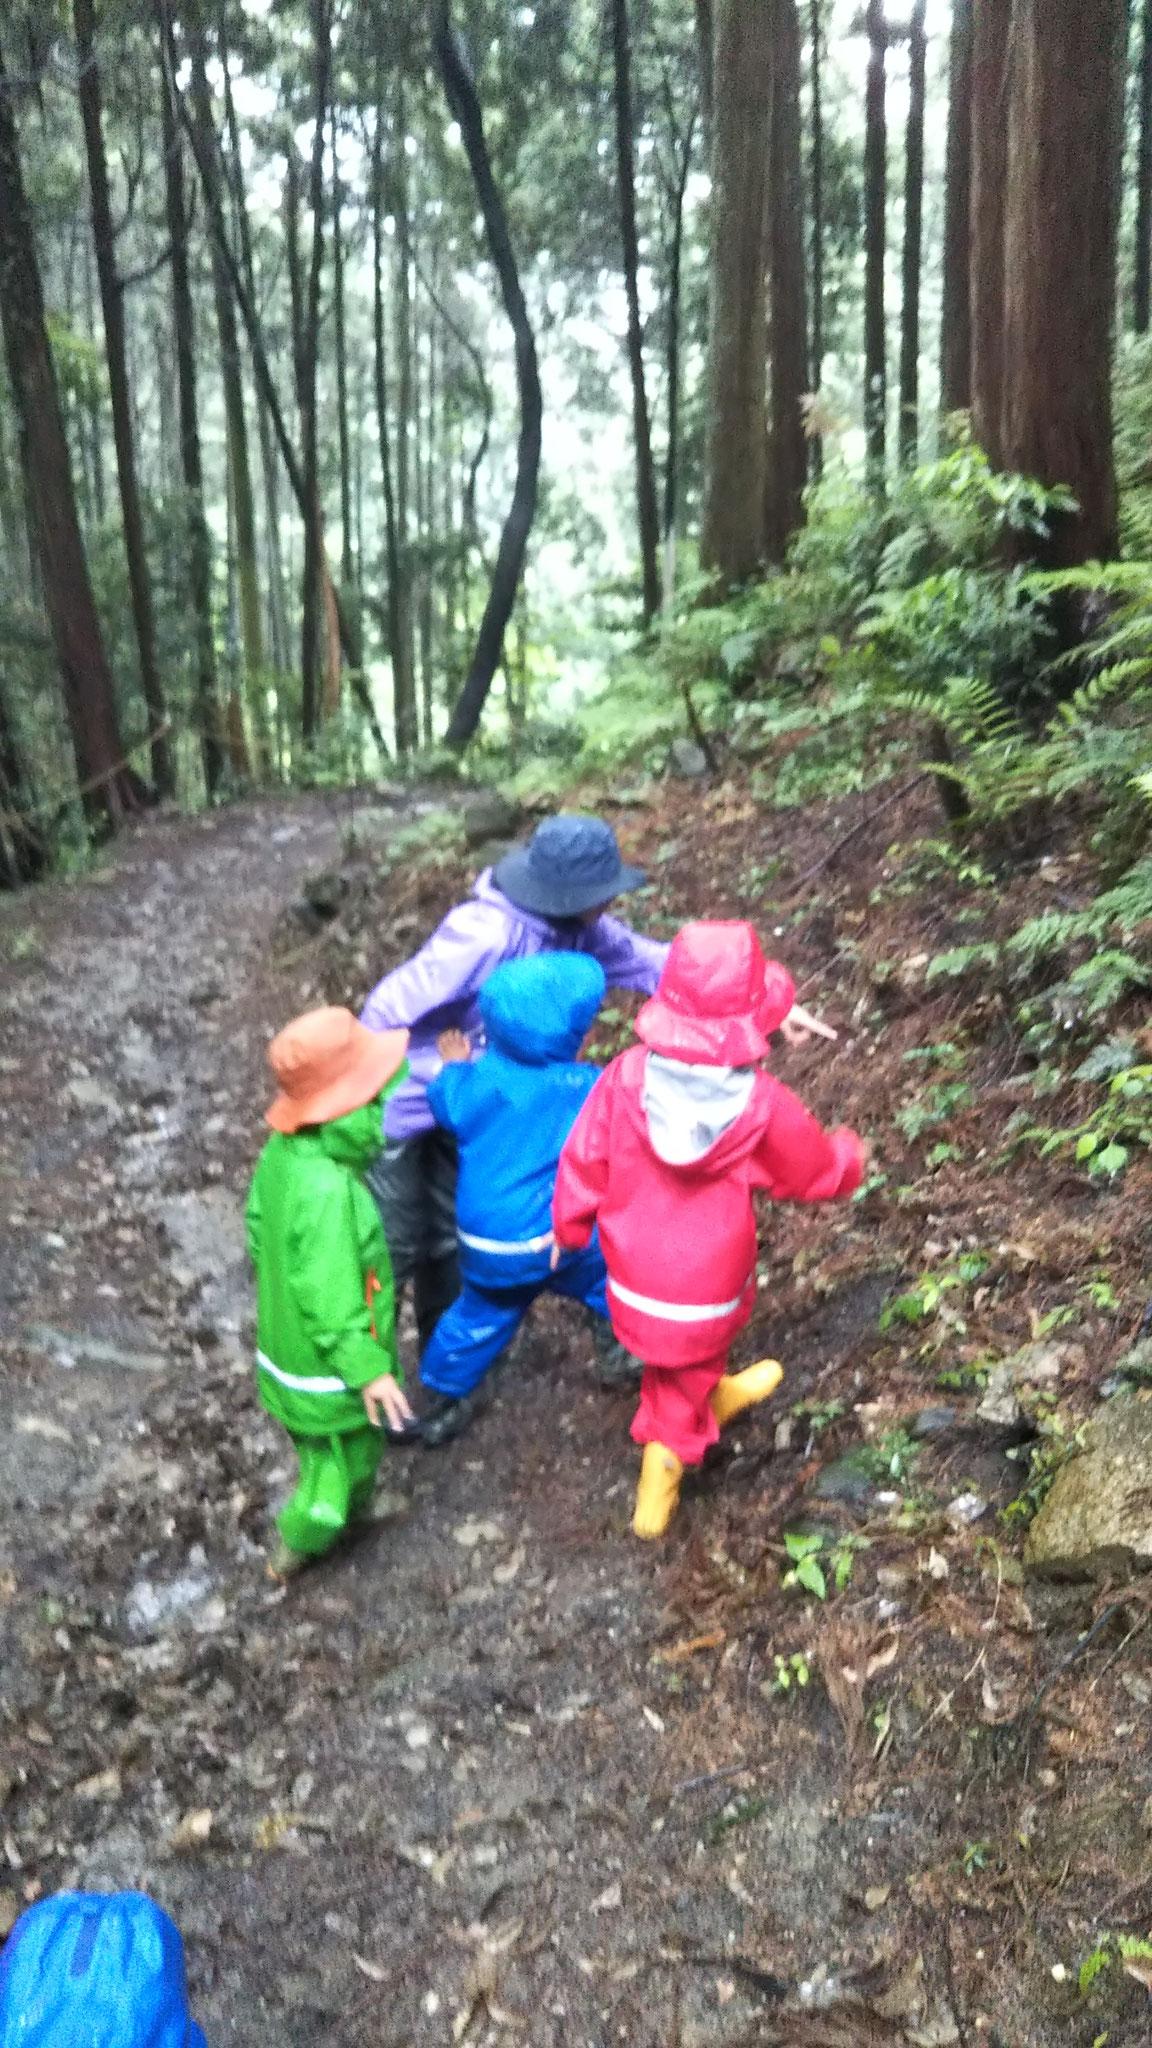 雨の日の森散歩